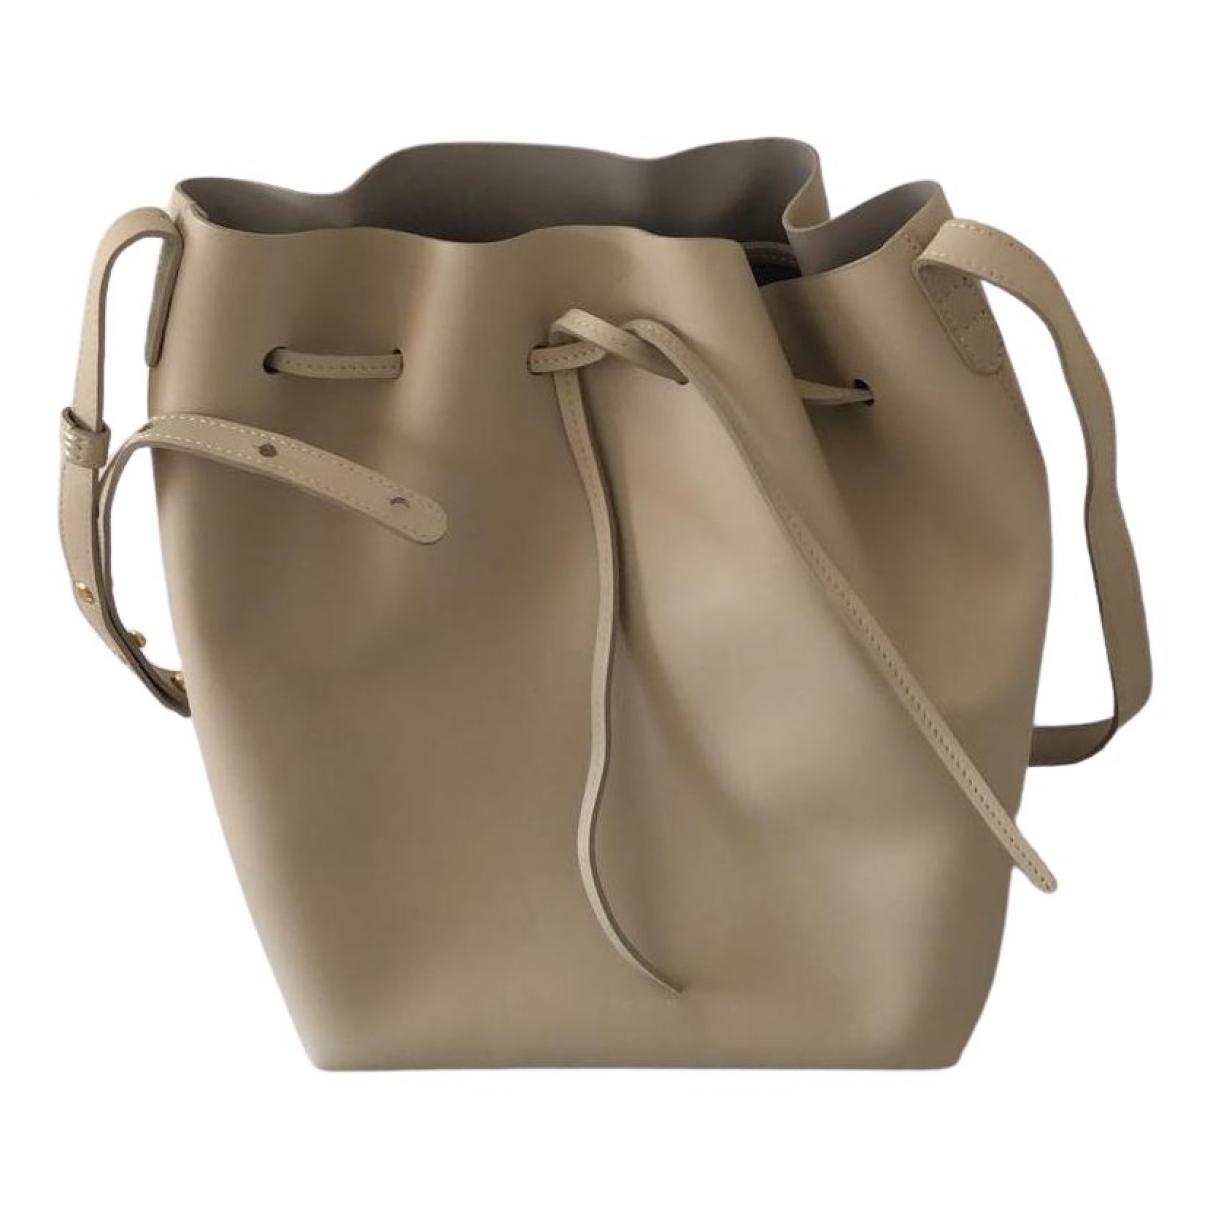 Mansur Gavriel Bucket Beige Leather handbag for Women \N